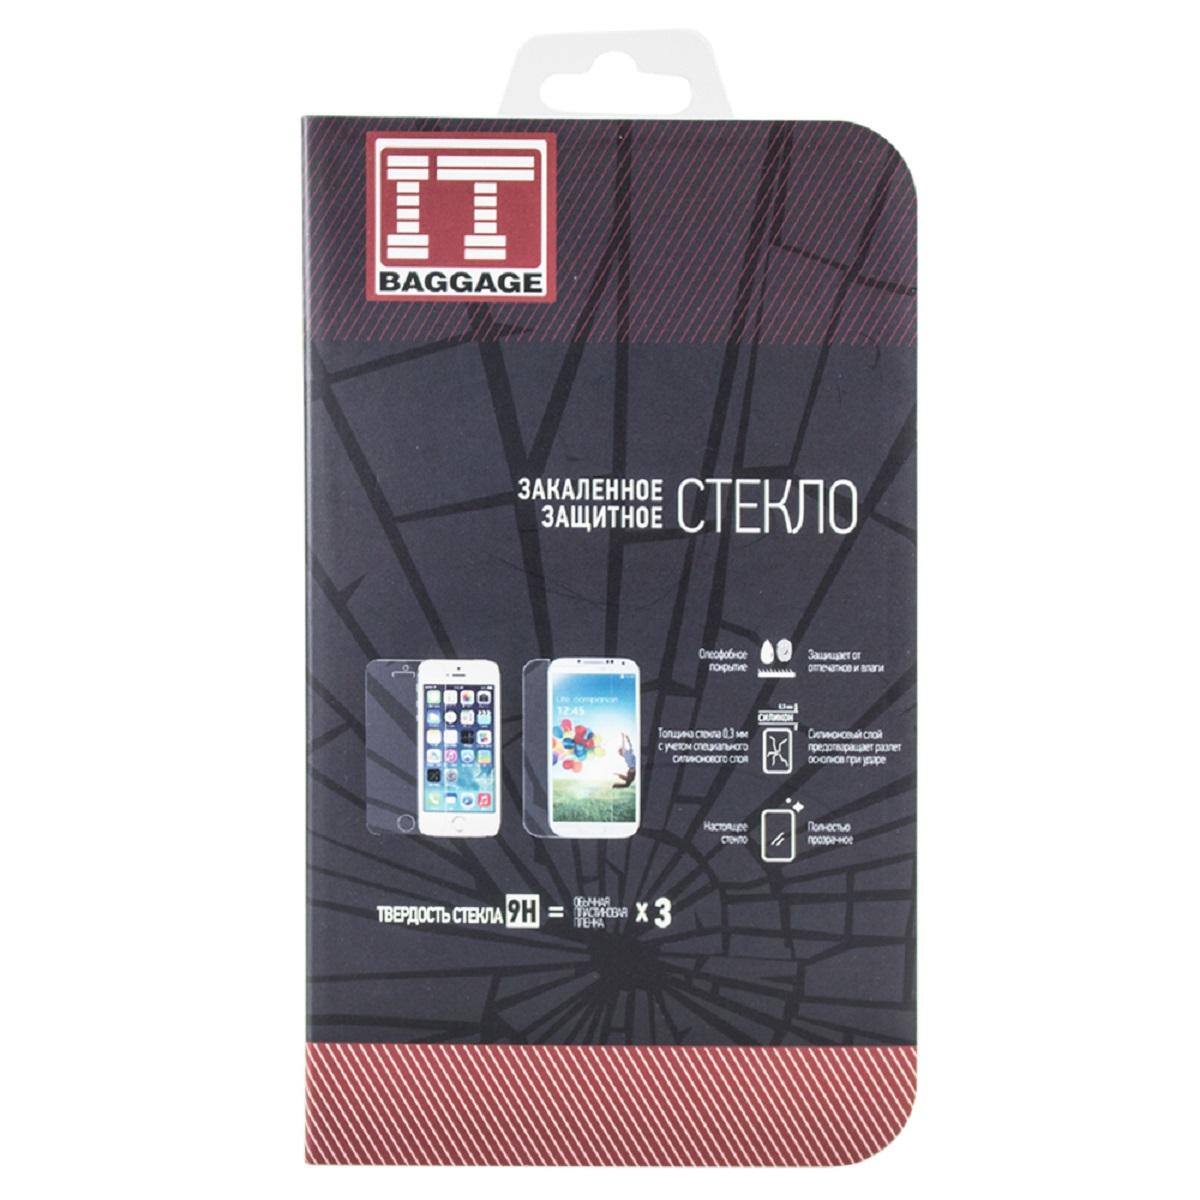 IT Baggage защитное стекло для Meizu M2 NoteITMZM2NGЗакаленное стекло IT Baggage для Meizu M2 Note - это самый верный способ защитить экранот повреждений и загрязнений. Обладает высочайшим уровнем прозрачности и совершенно не влияет на откликэкранного сенсора и качество изображения. Препятствует появлению отпечатков и пятен. Удалить следы жира икосметики с поверхности аксессуара не составить ни какого труда.Характеристики защитного стекла делают его износостойким к таким механическим повреждениям, как царапины,сколы, потертости. При сильном ударе разбившееся стекло не разлетается на осколки, предохраняя вас отпорезов, а экран устройства от повреждений.После снятия защитного стекла с поверхности дисплея, на нем не остаются повреждения, такие как потертости ицарапины.